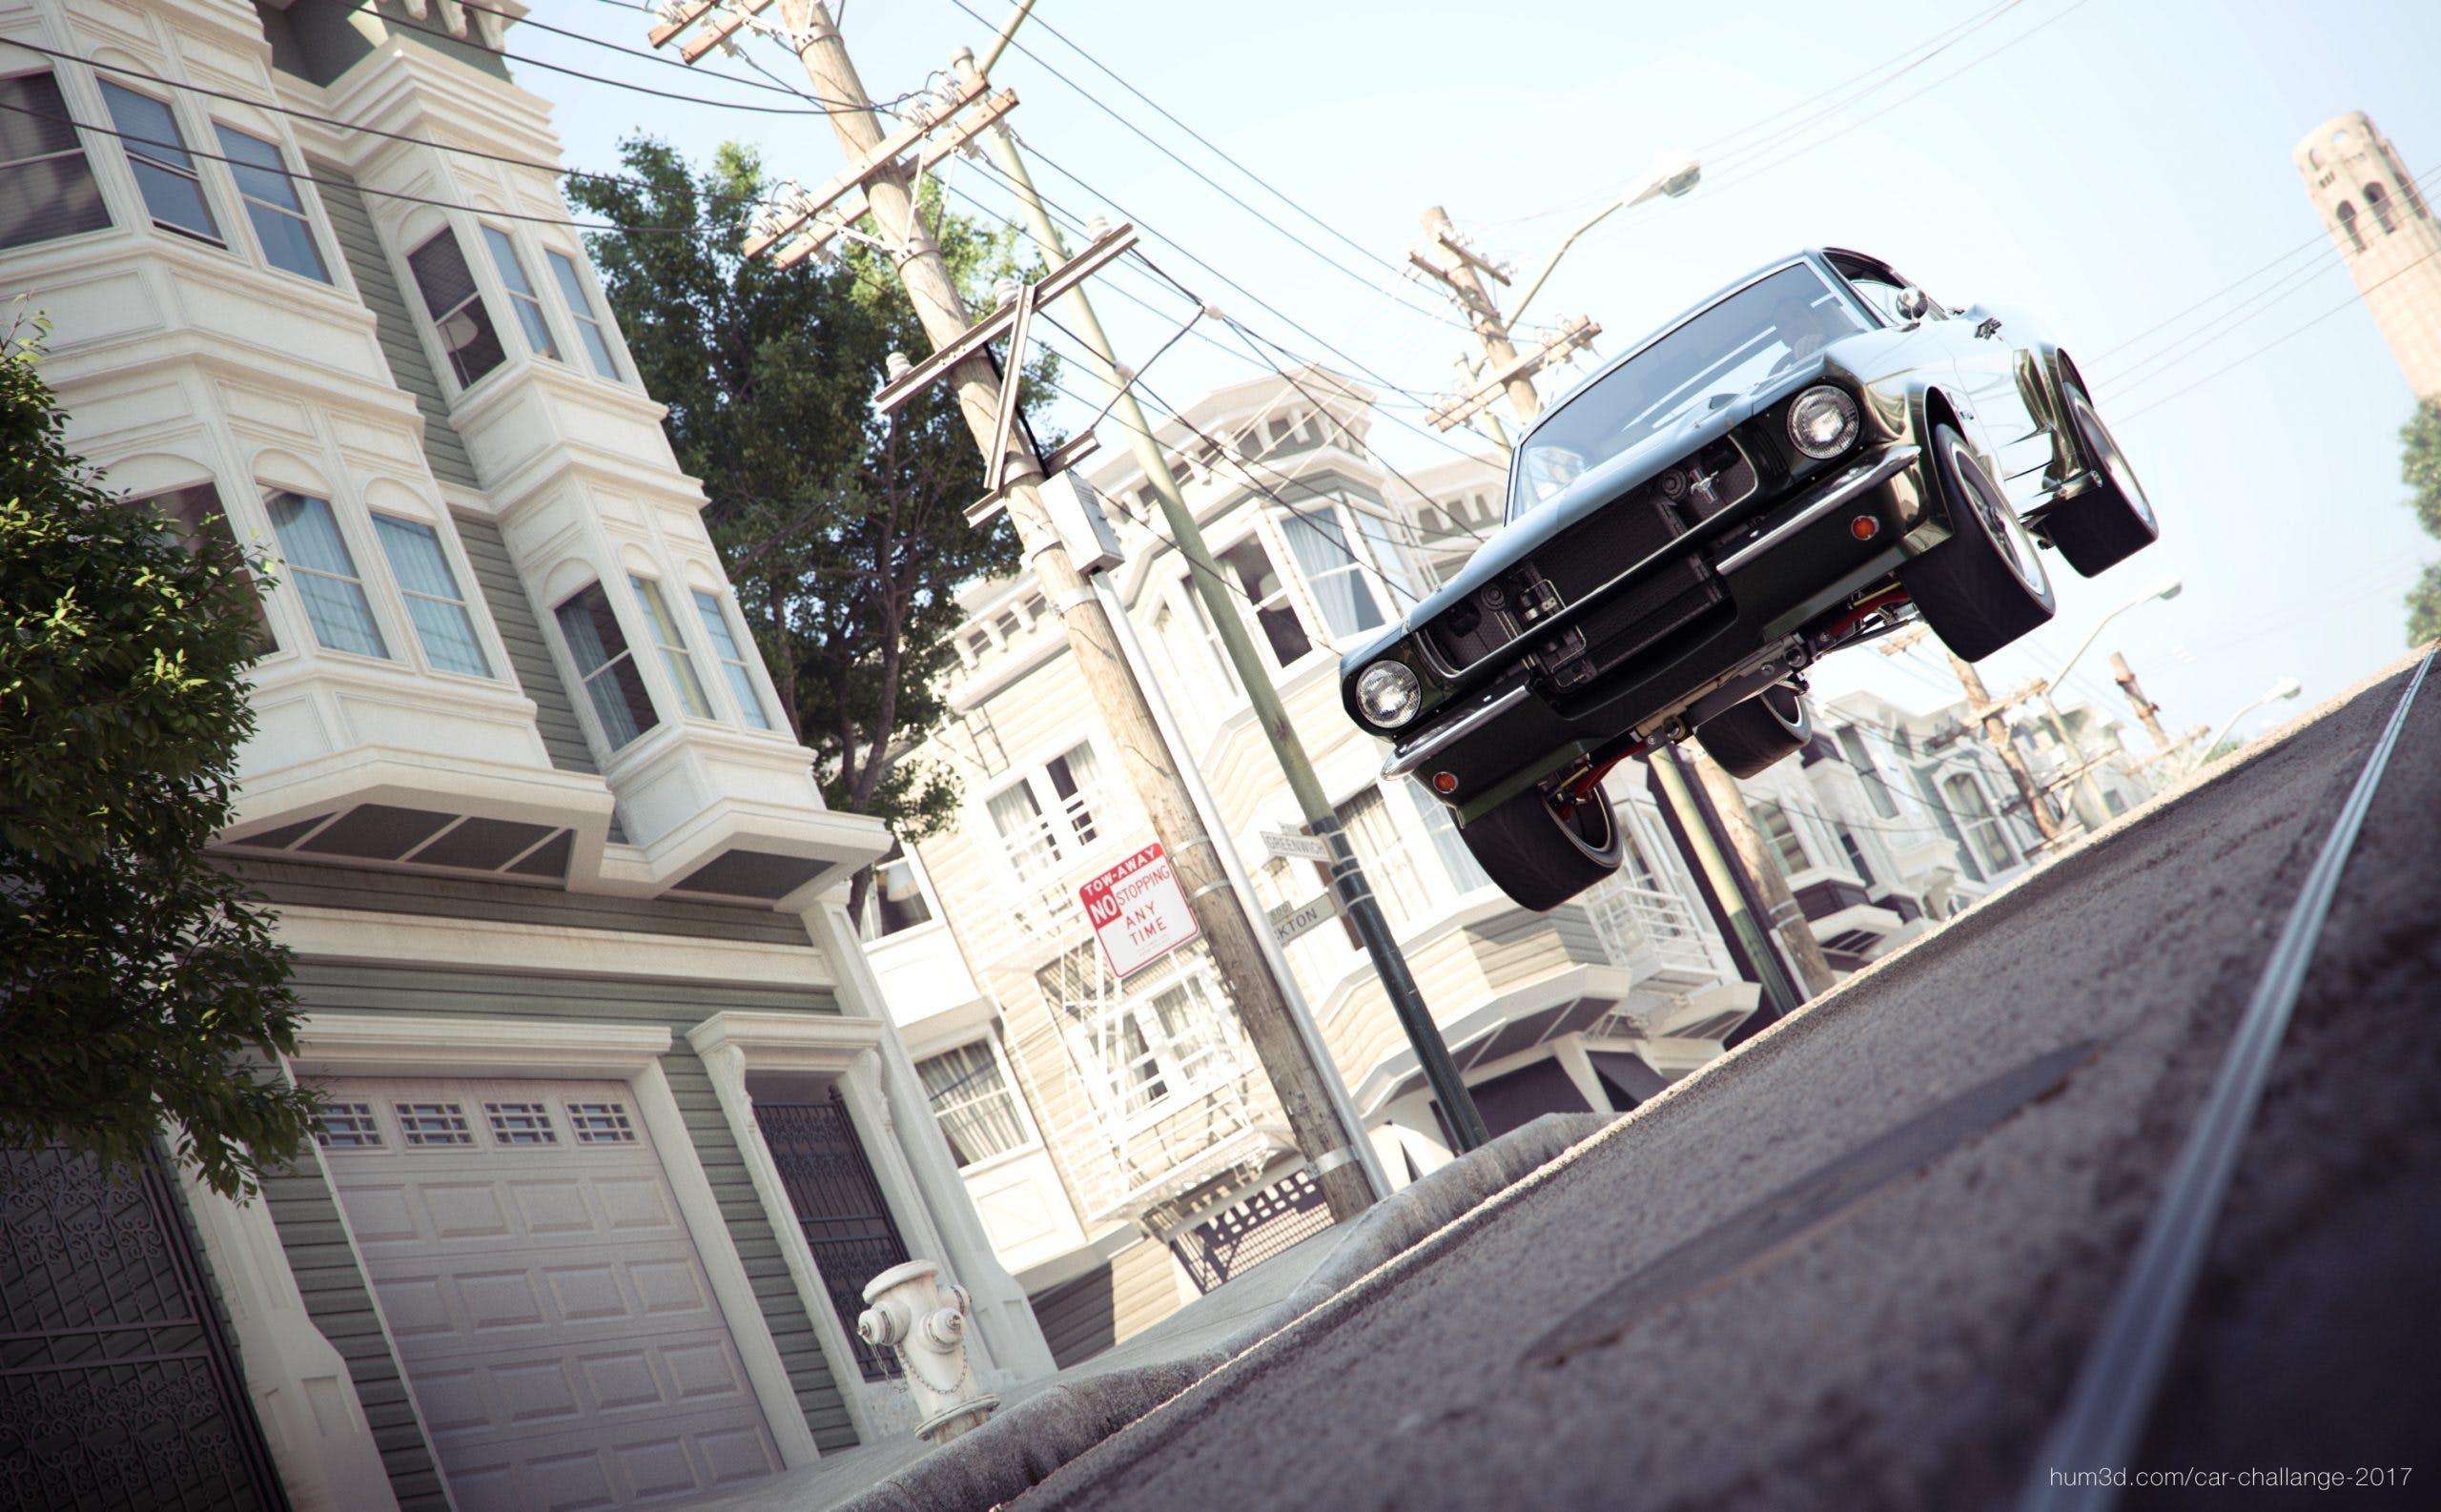 Ford Mustang Fastback del 1964 in aria dopo aver attraversato uno scollinamento su asfalto nelle strade di San Francisco